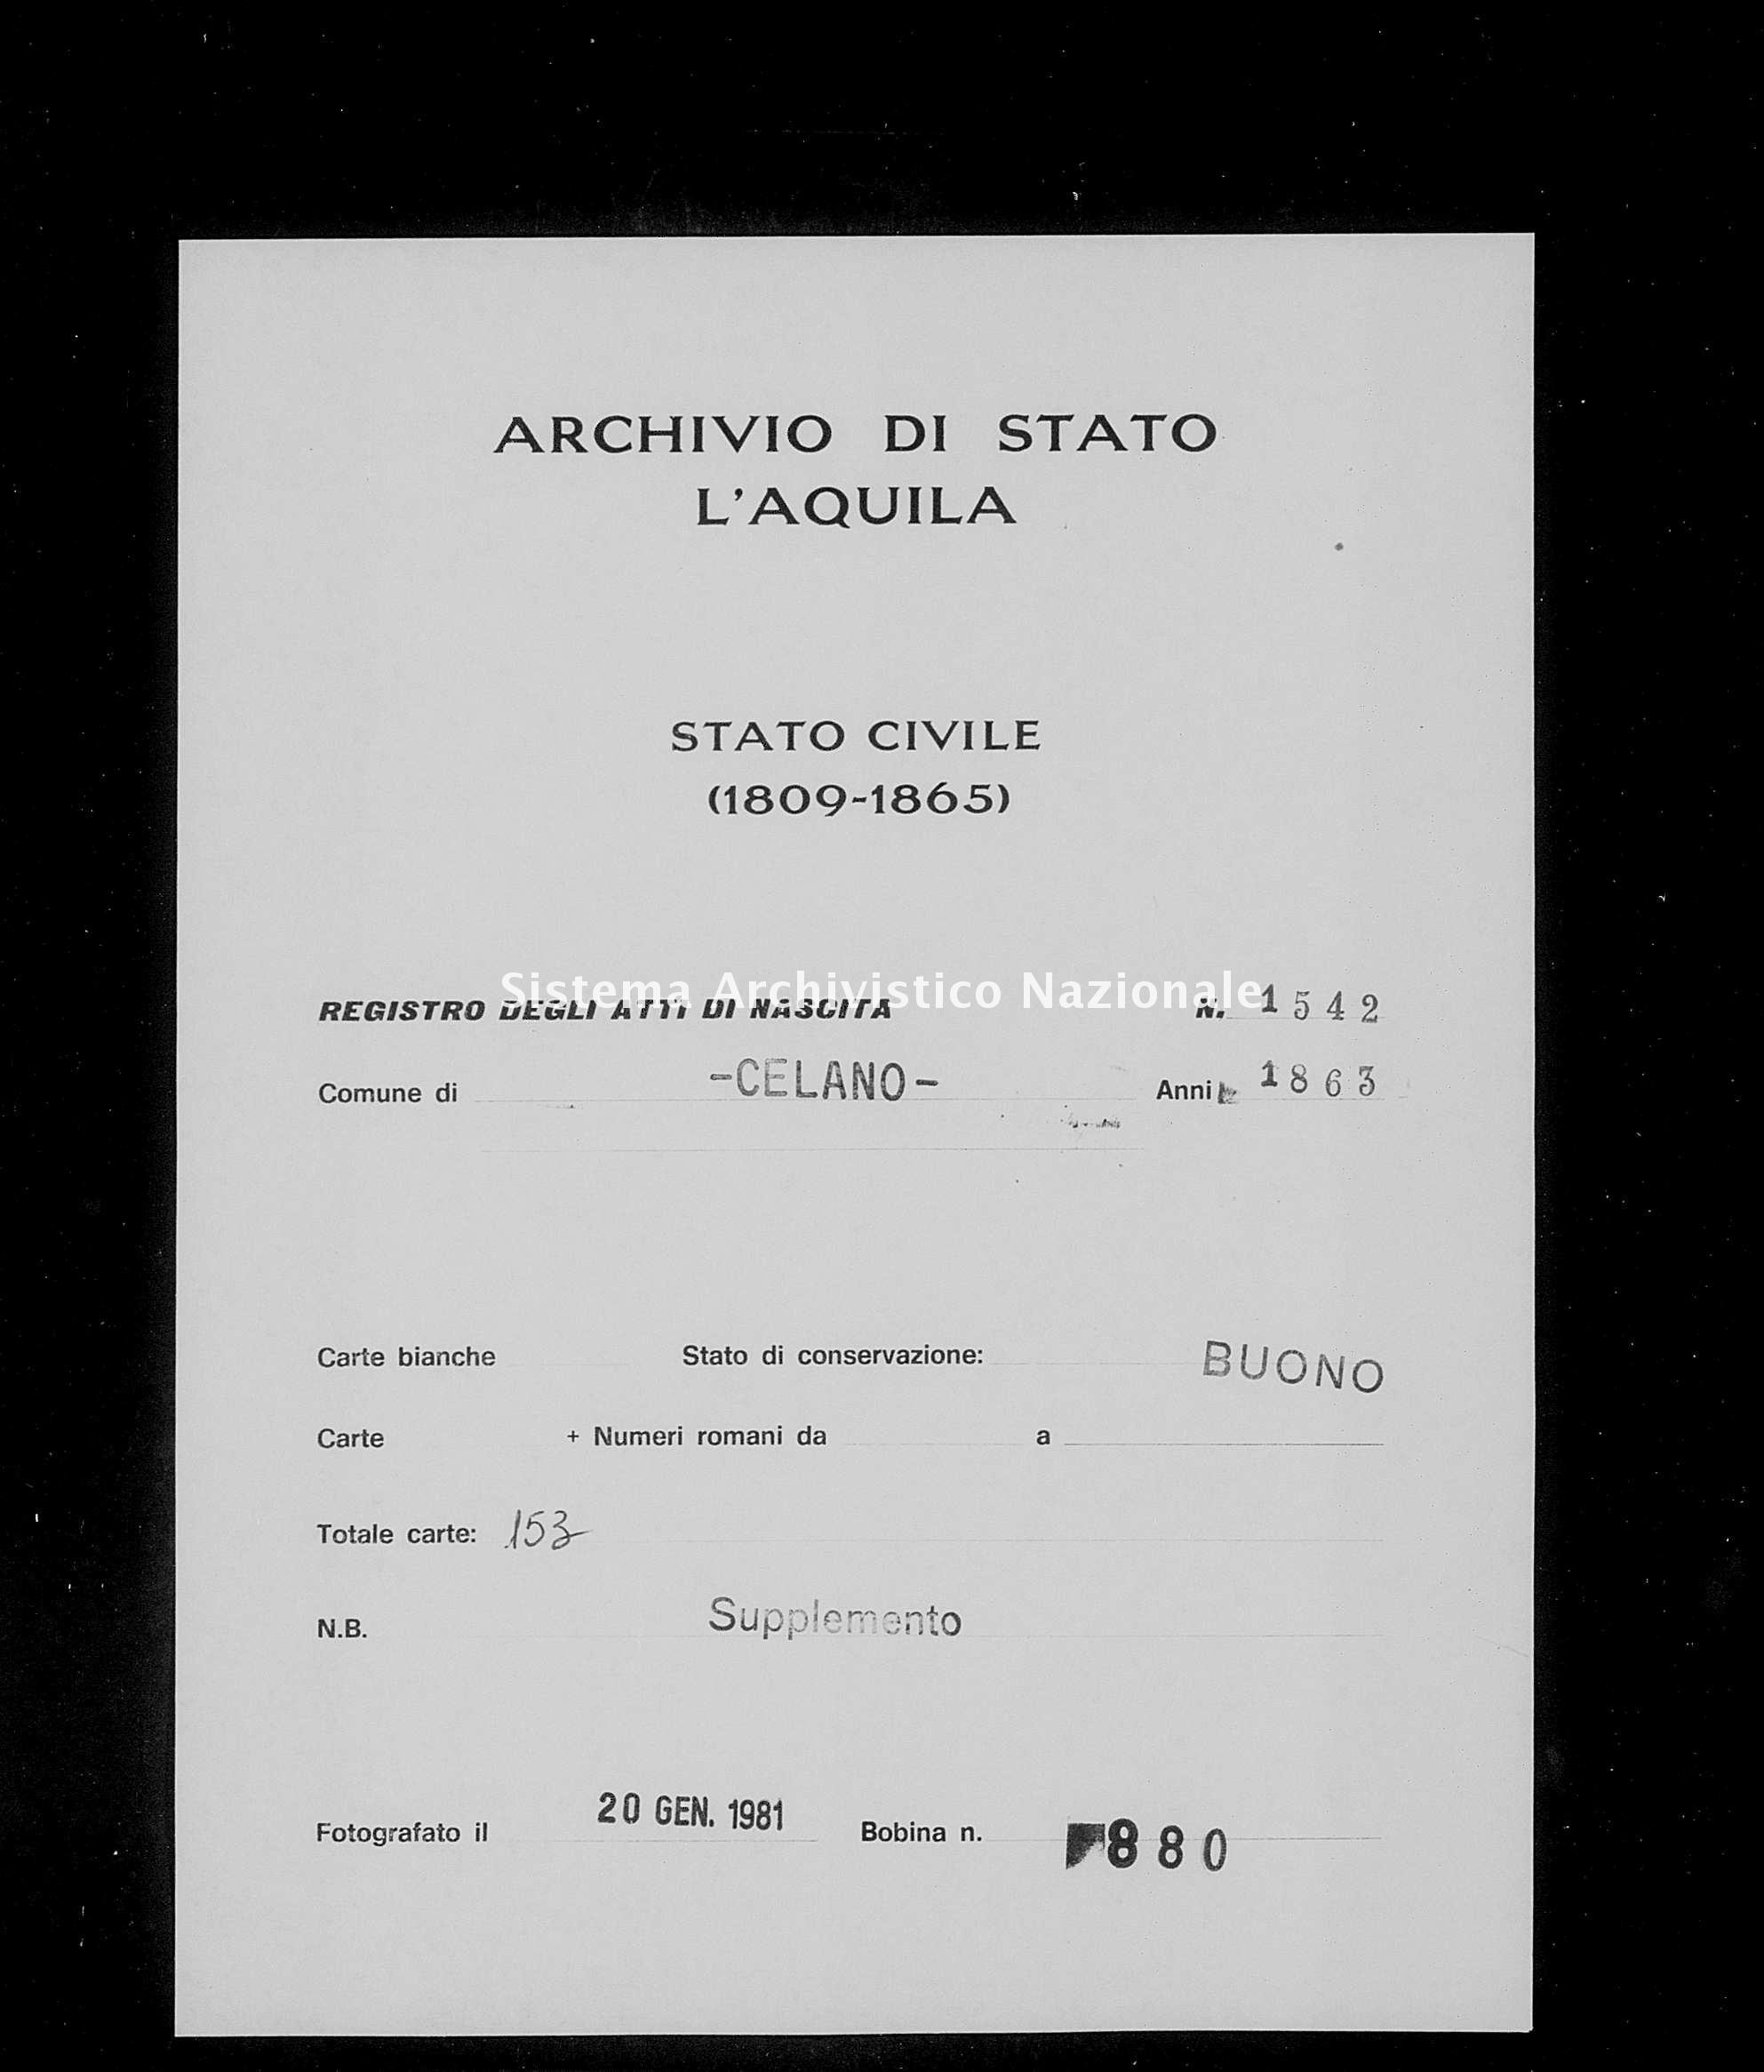 Archivio di stato di L'aquila - Stato civile italiano - Celano - Nati, battesimi - 1863 - 1542 -